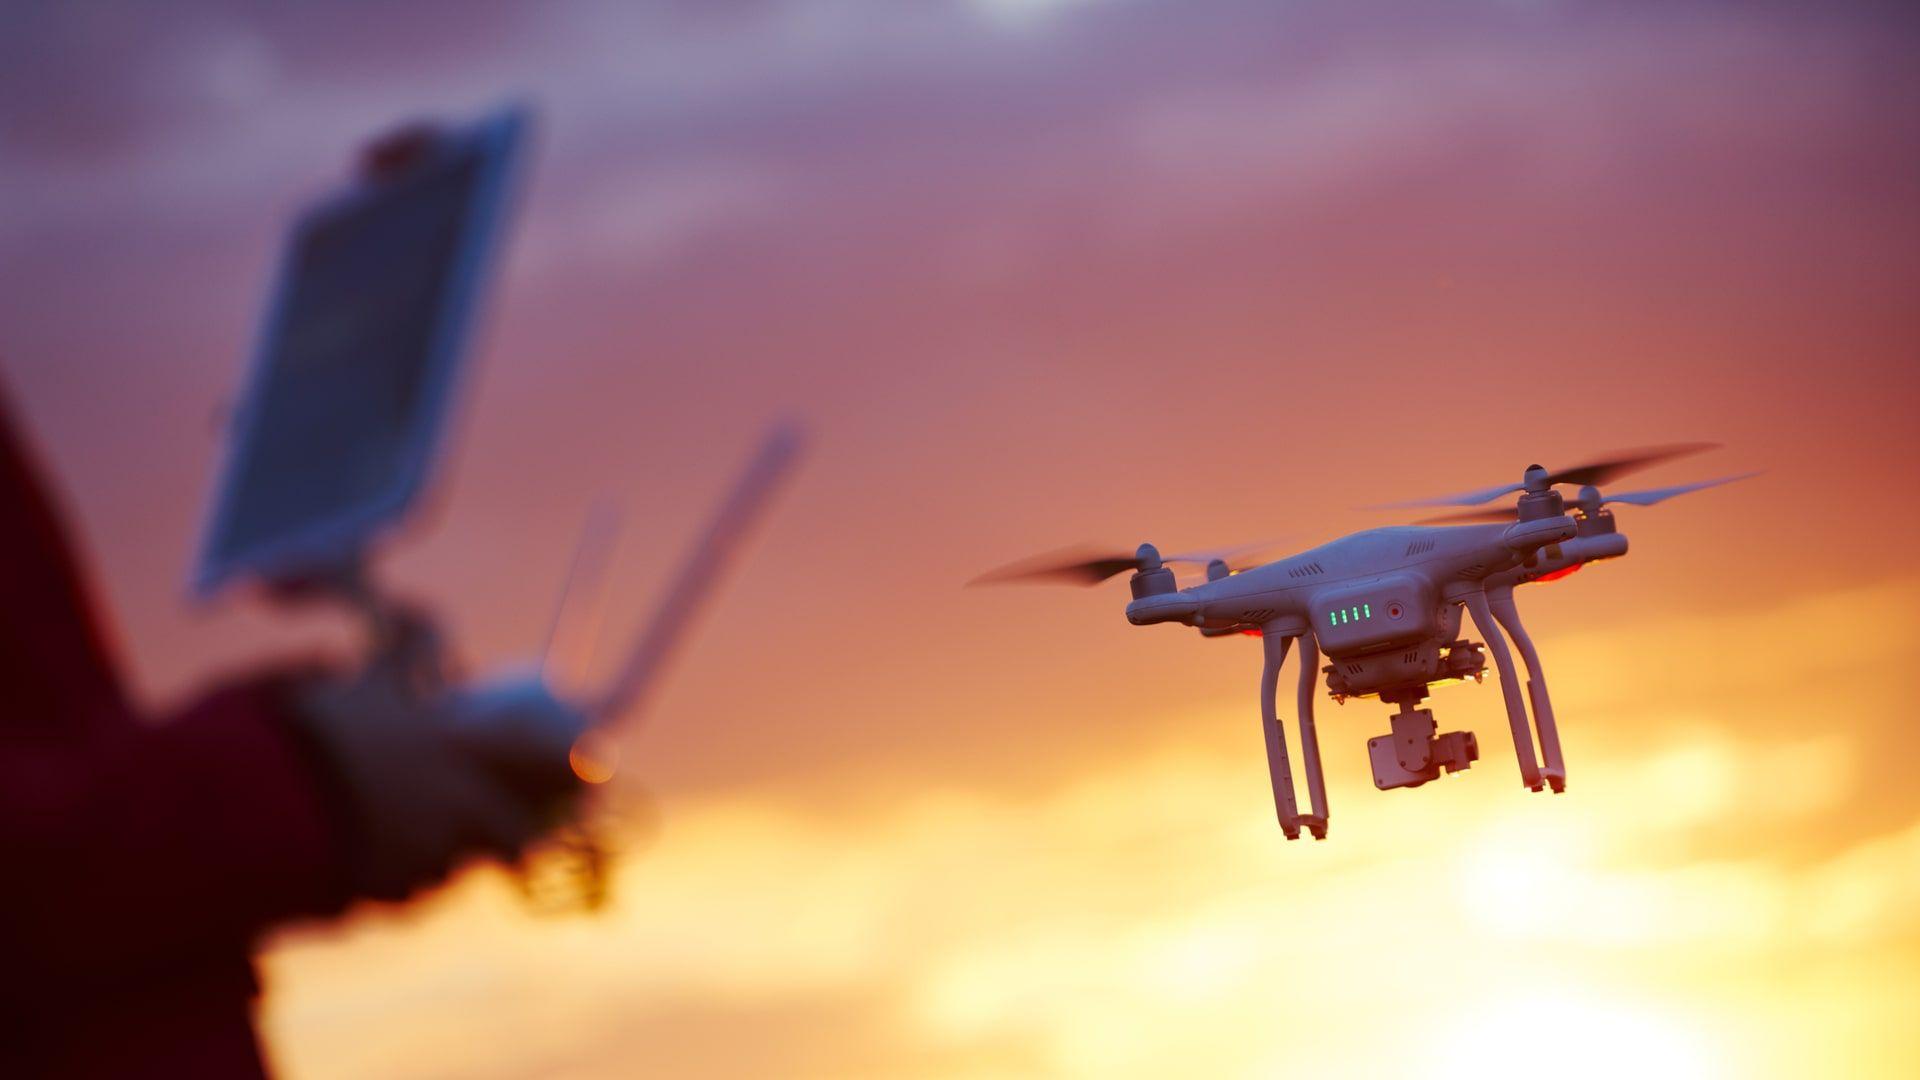 Antes de comprar um drone, tenha certeza do seu perfil de uso e das especificações do produto (Foto: Shutterstock)